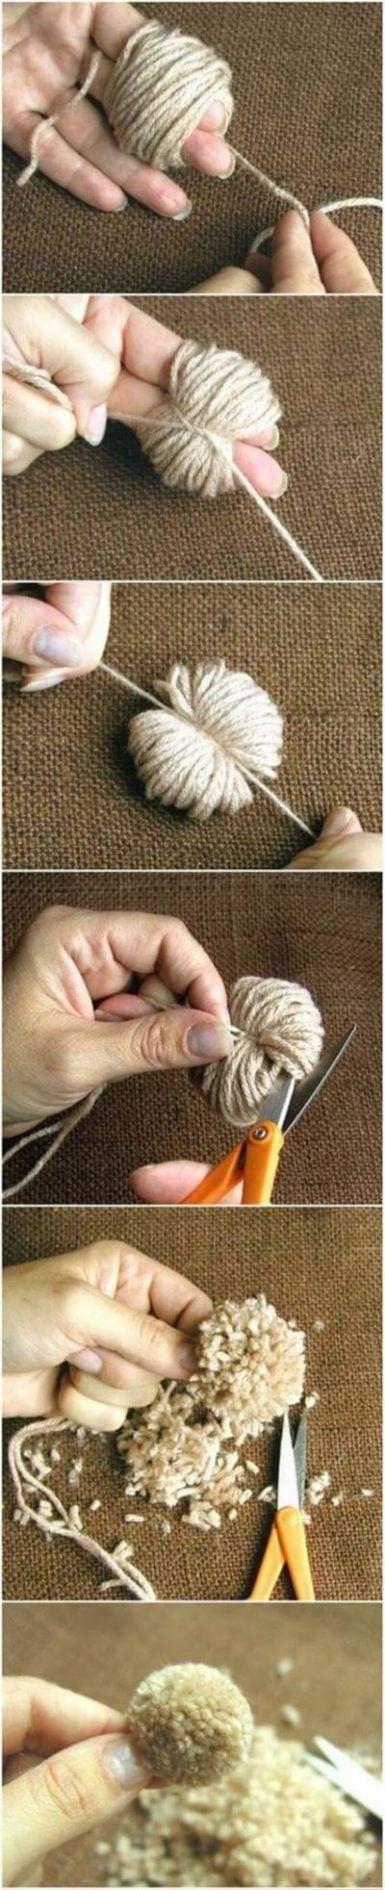 Cómo hacer pompones con los dedos